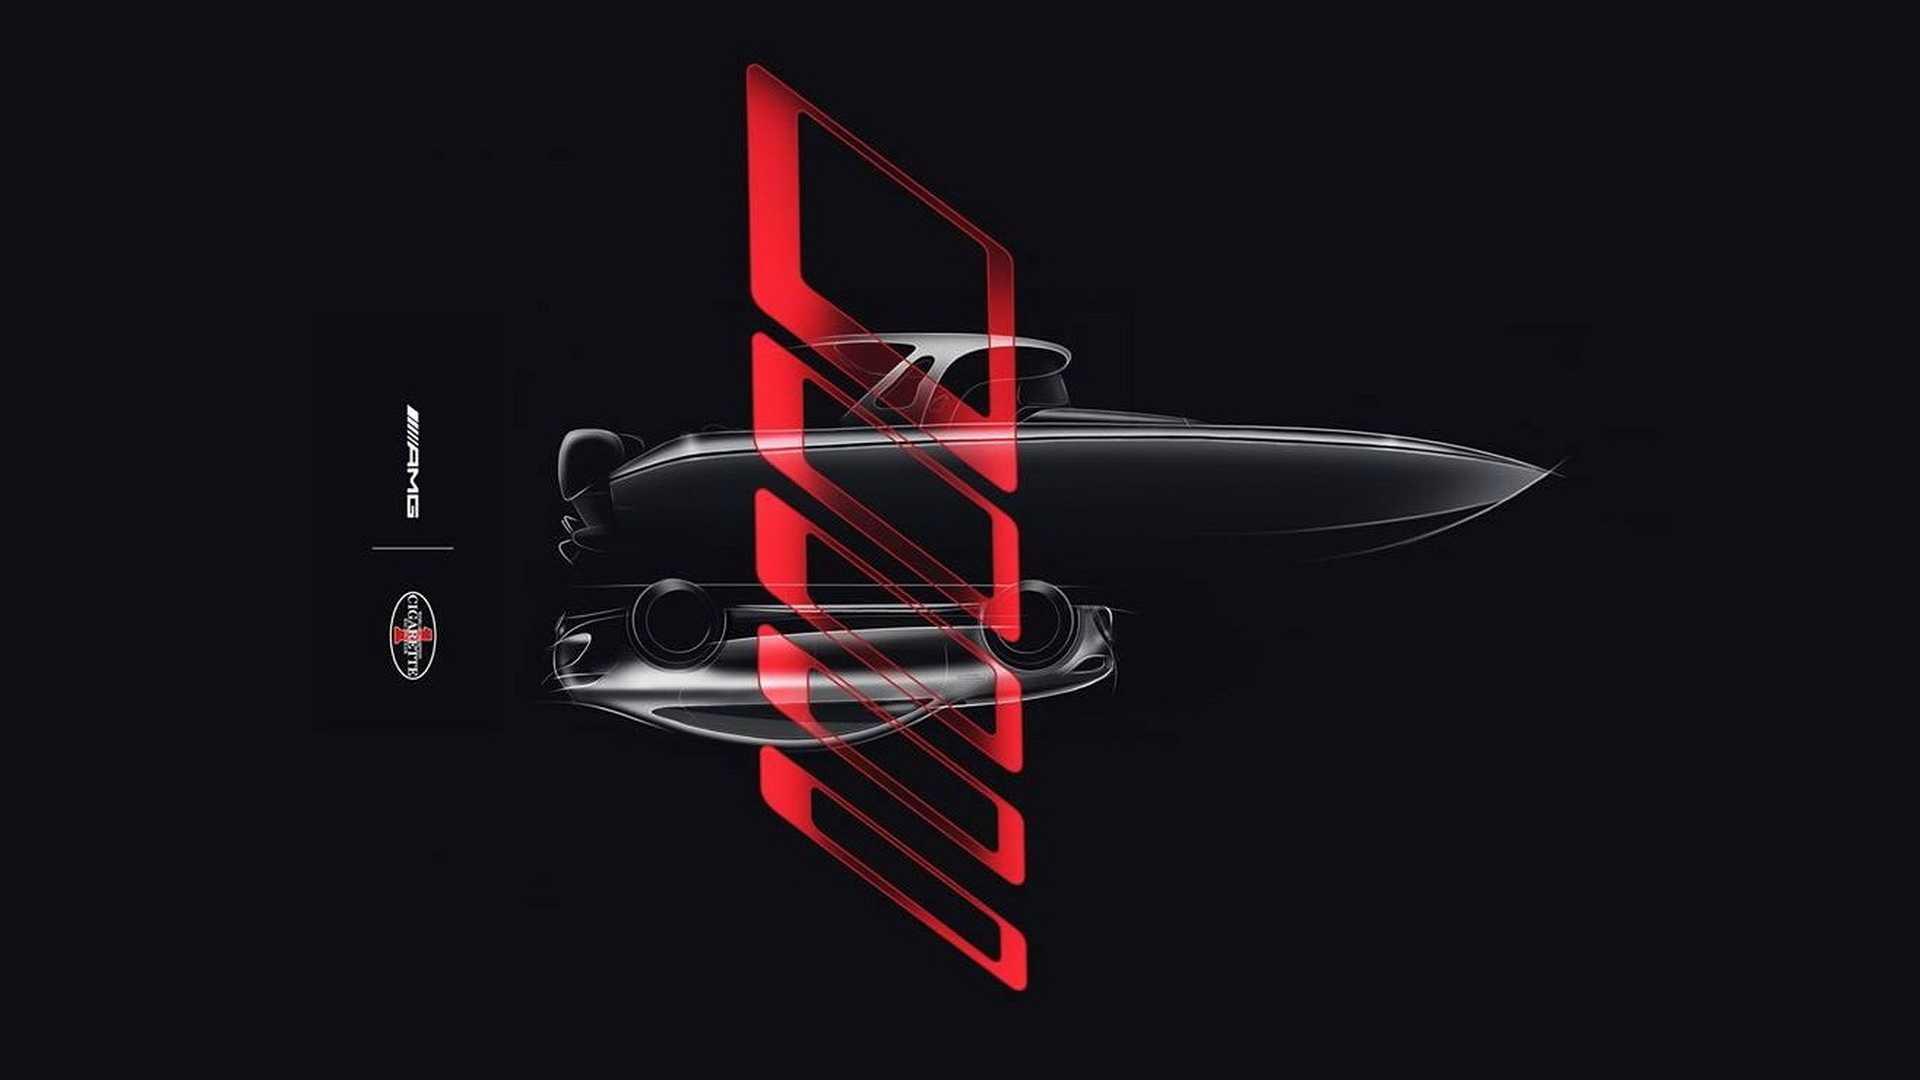 Компания Mercedes-AMG распространила официальное изображение скоростного катера, дизайн которого разработан с прицелом на купе GT 4-Door Coupe